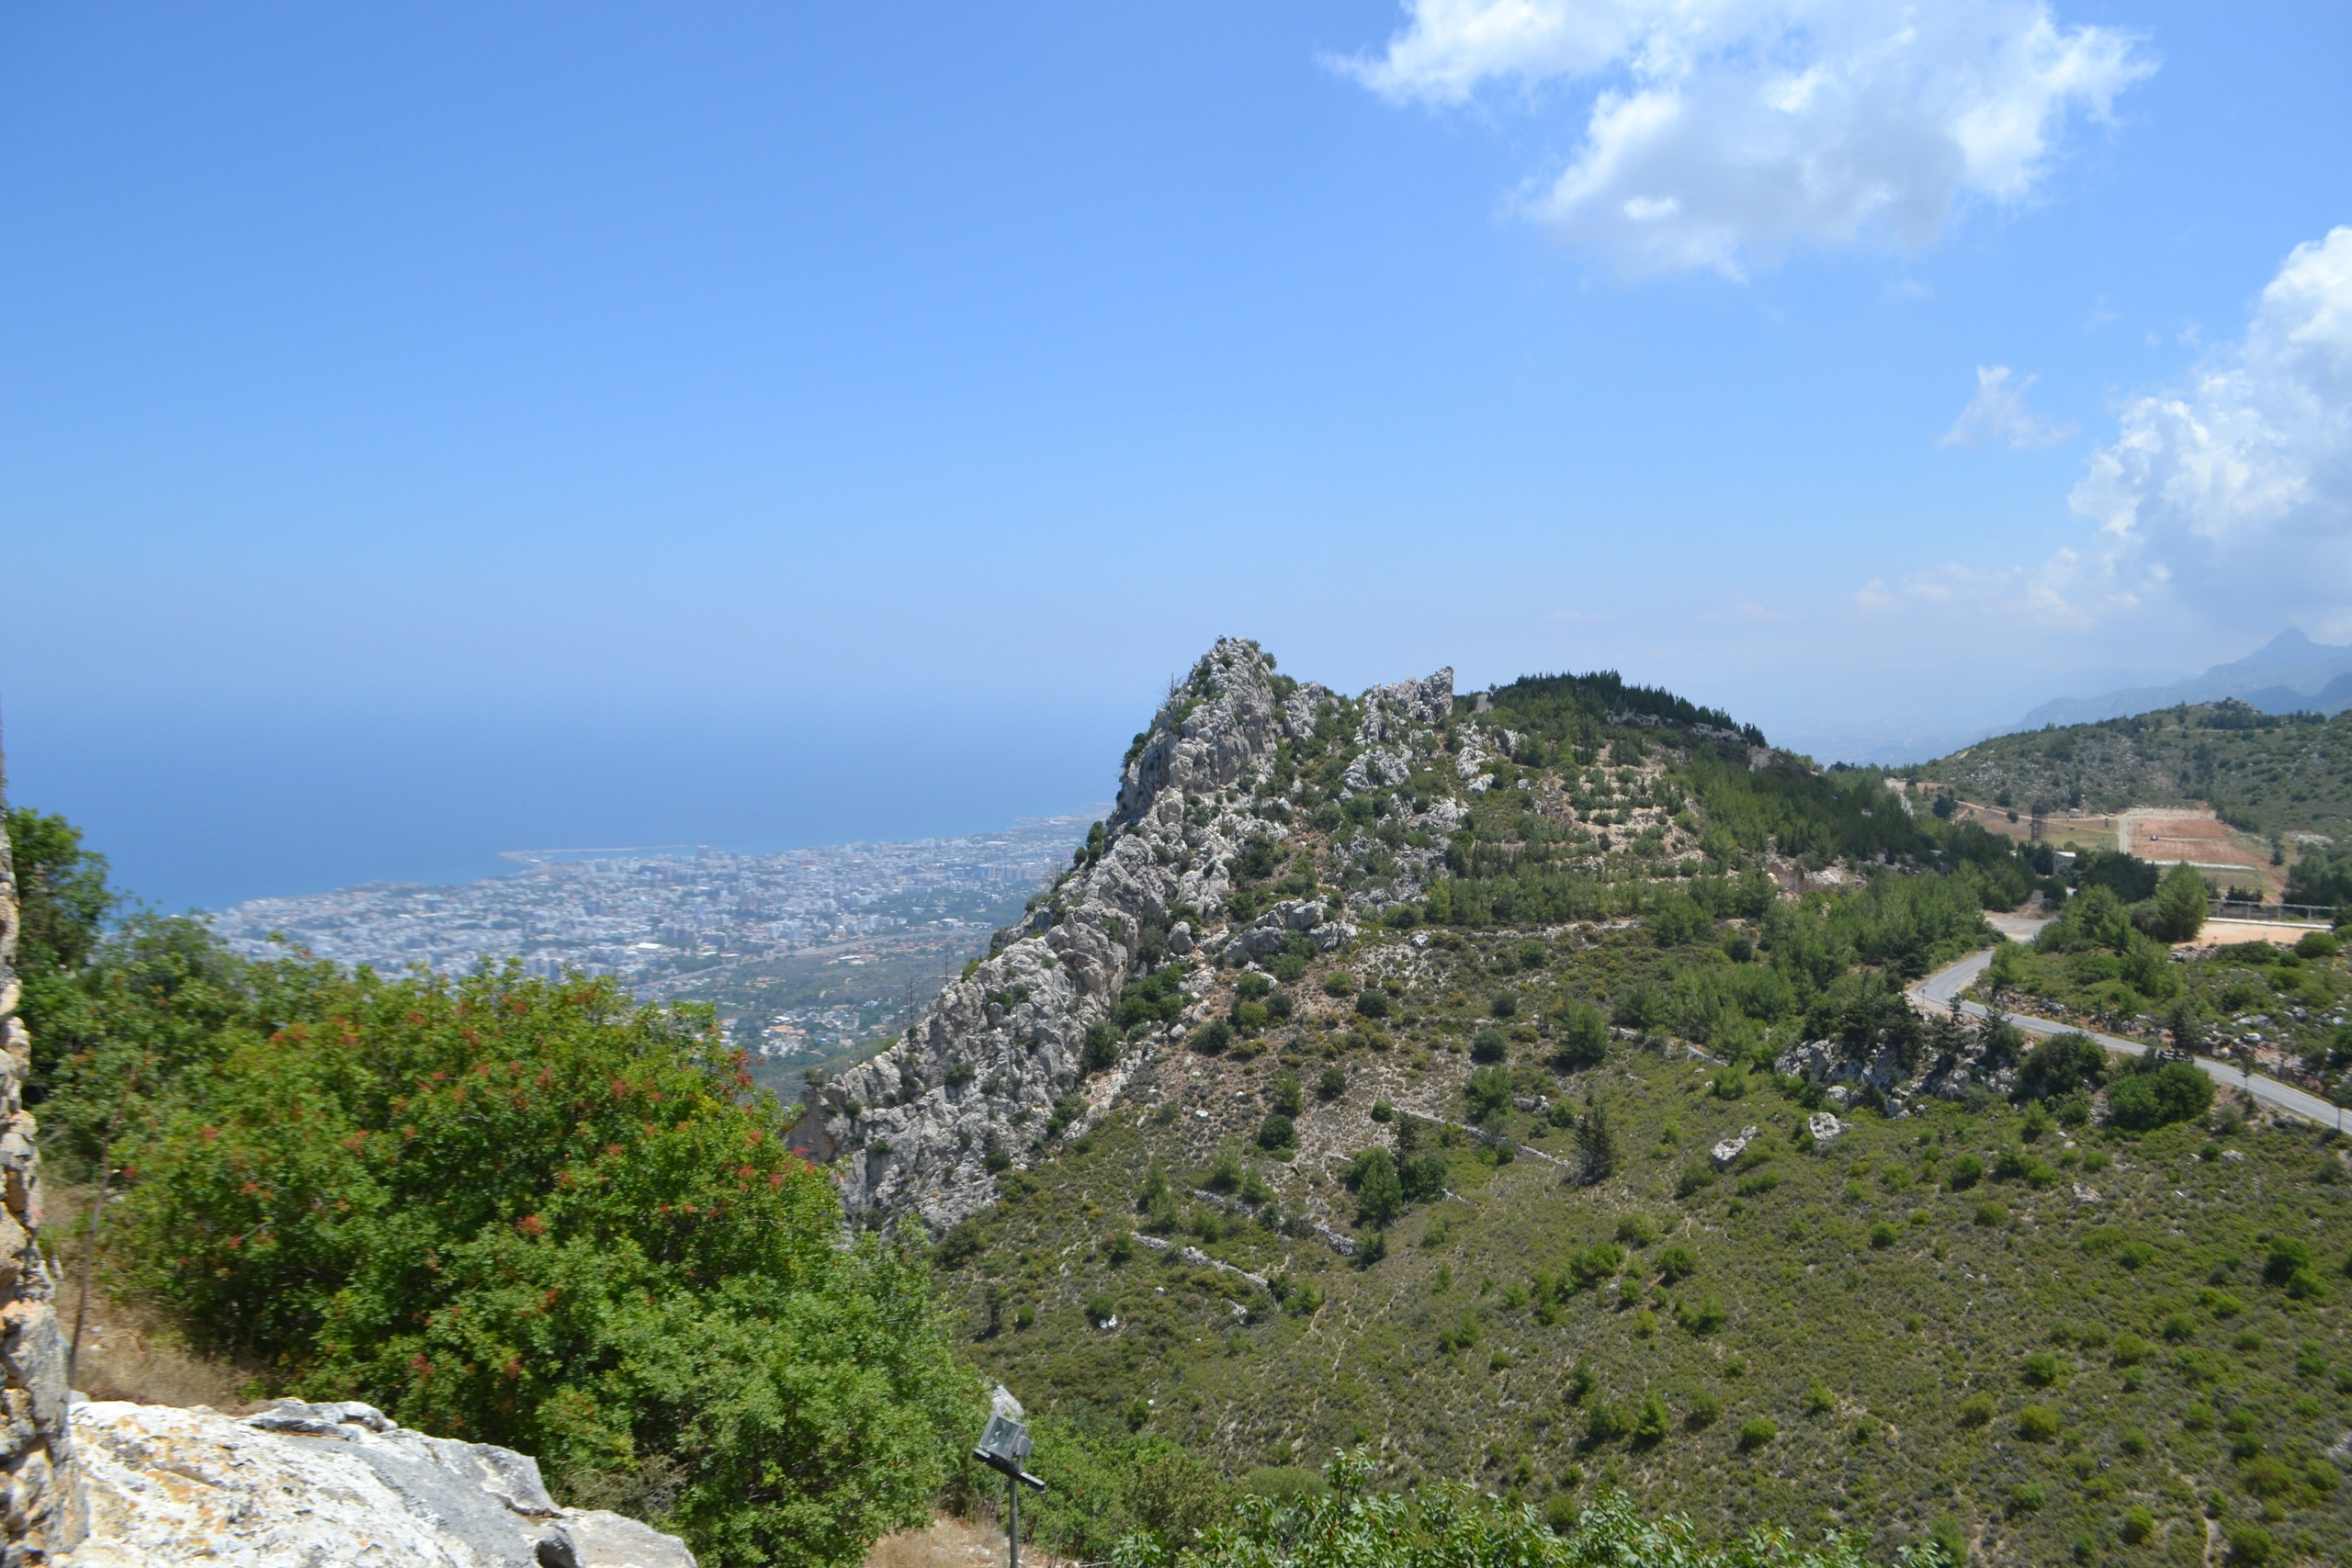 Северный Кипр. Замок Святого Иллариона. (фото). SR1uyWuNbnM